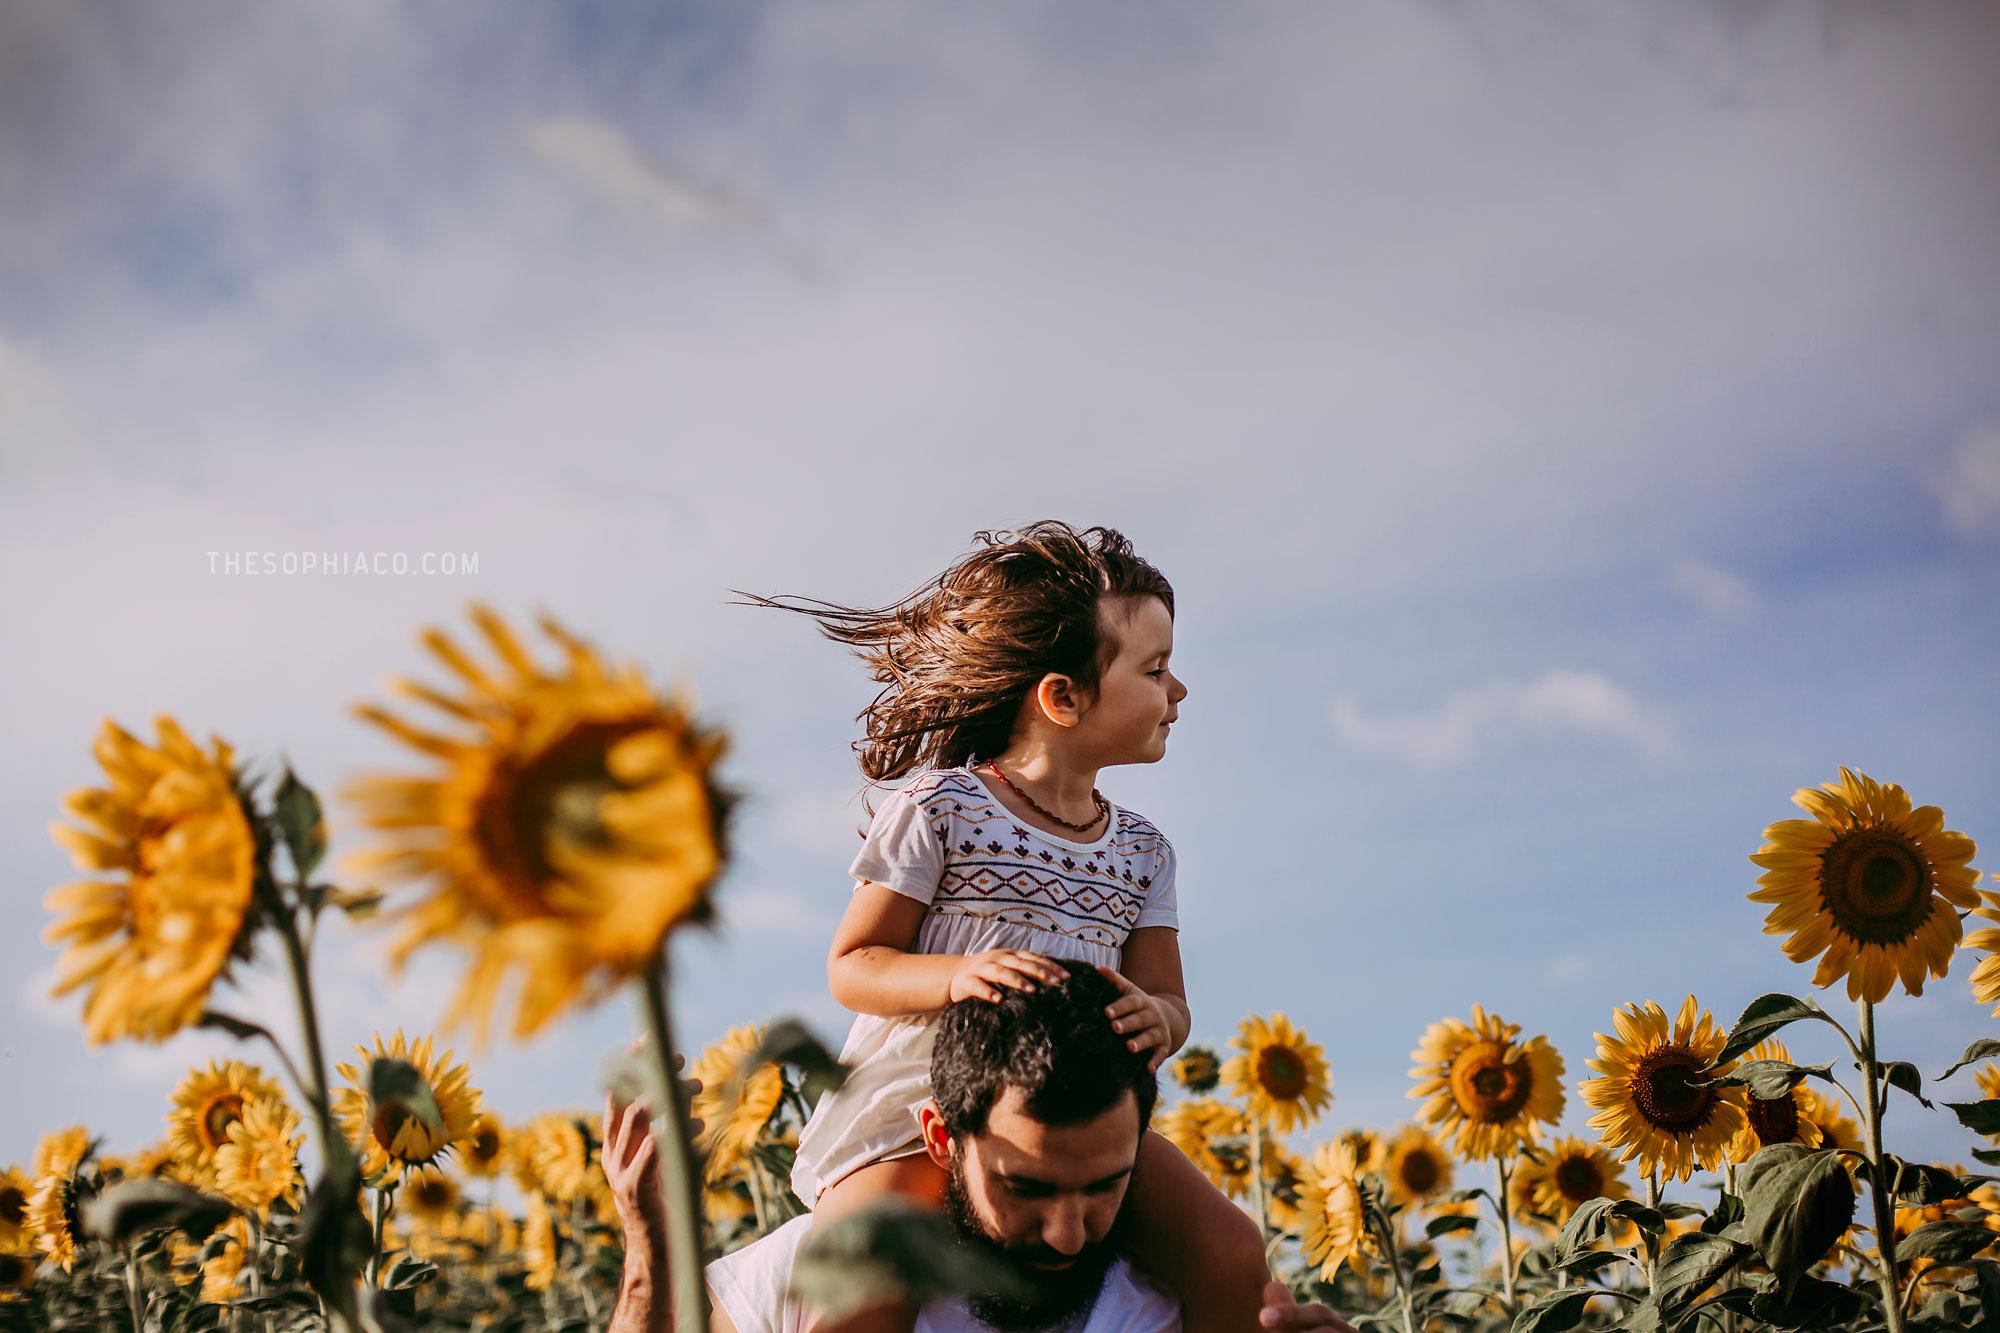 waialua-sunflowers-oahu-family-photography-11.jpg